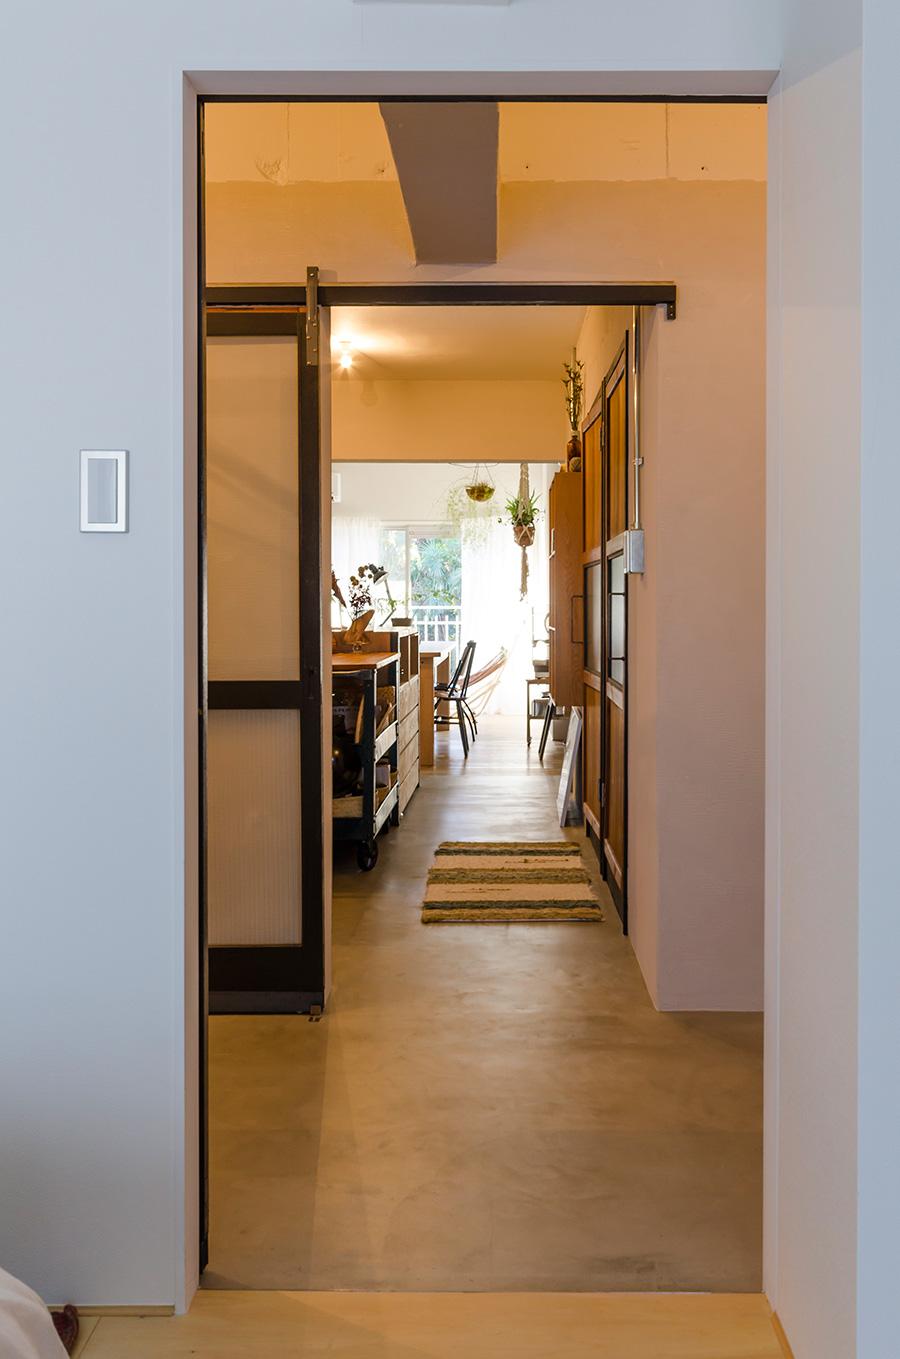 玄関ホールを挟んで、南側の窓から北側の窓へ、光が通り抜ける。